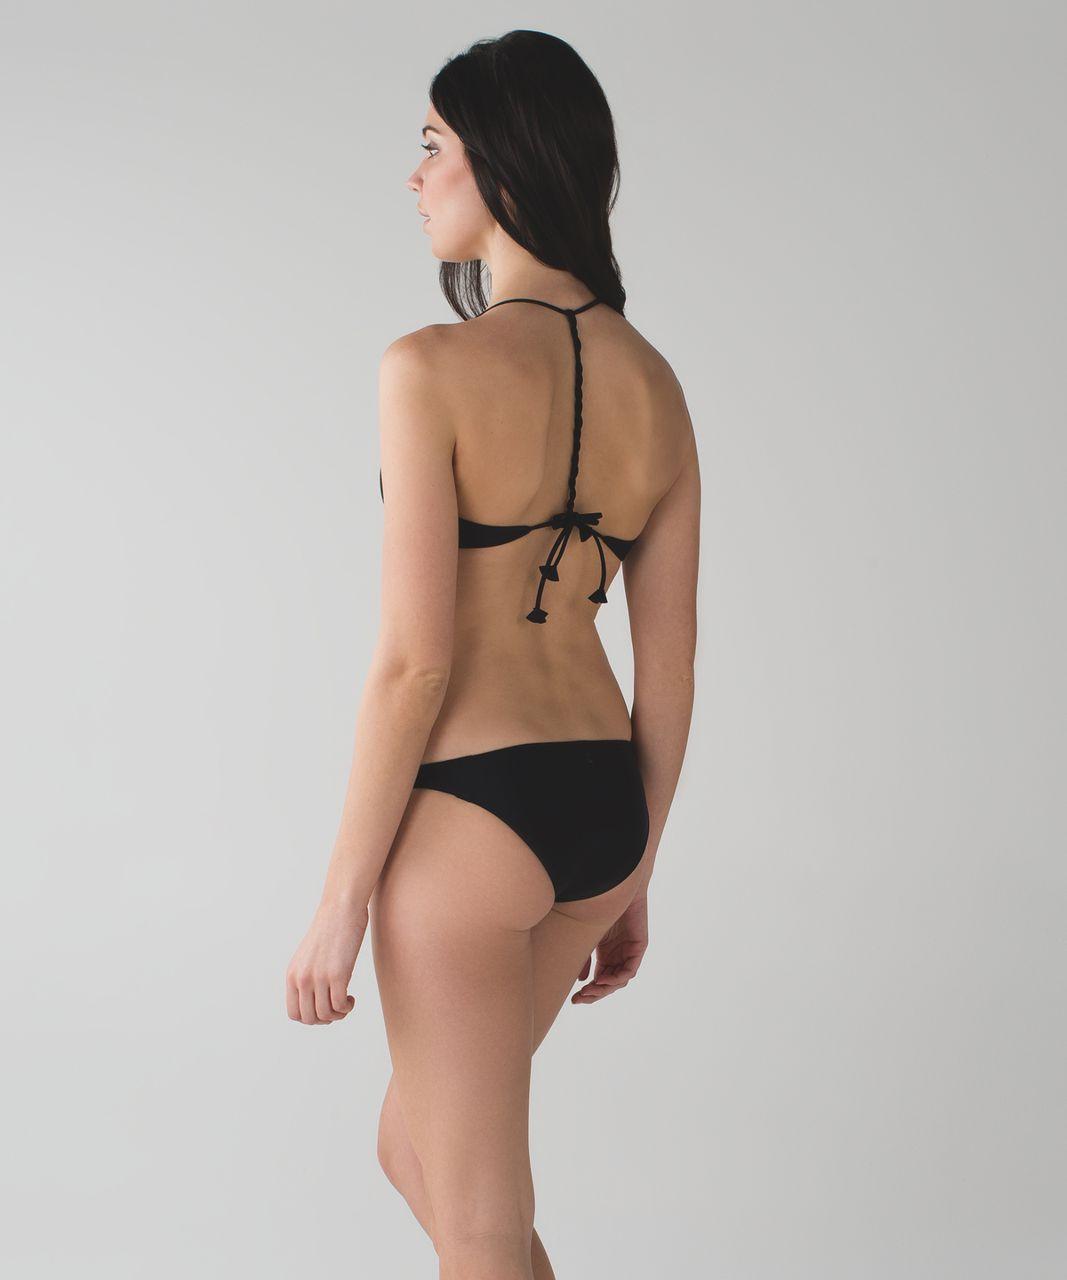 Lululemon Water:  Surf To Sand Bikini - Black / Harbor Blue